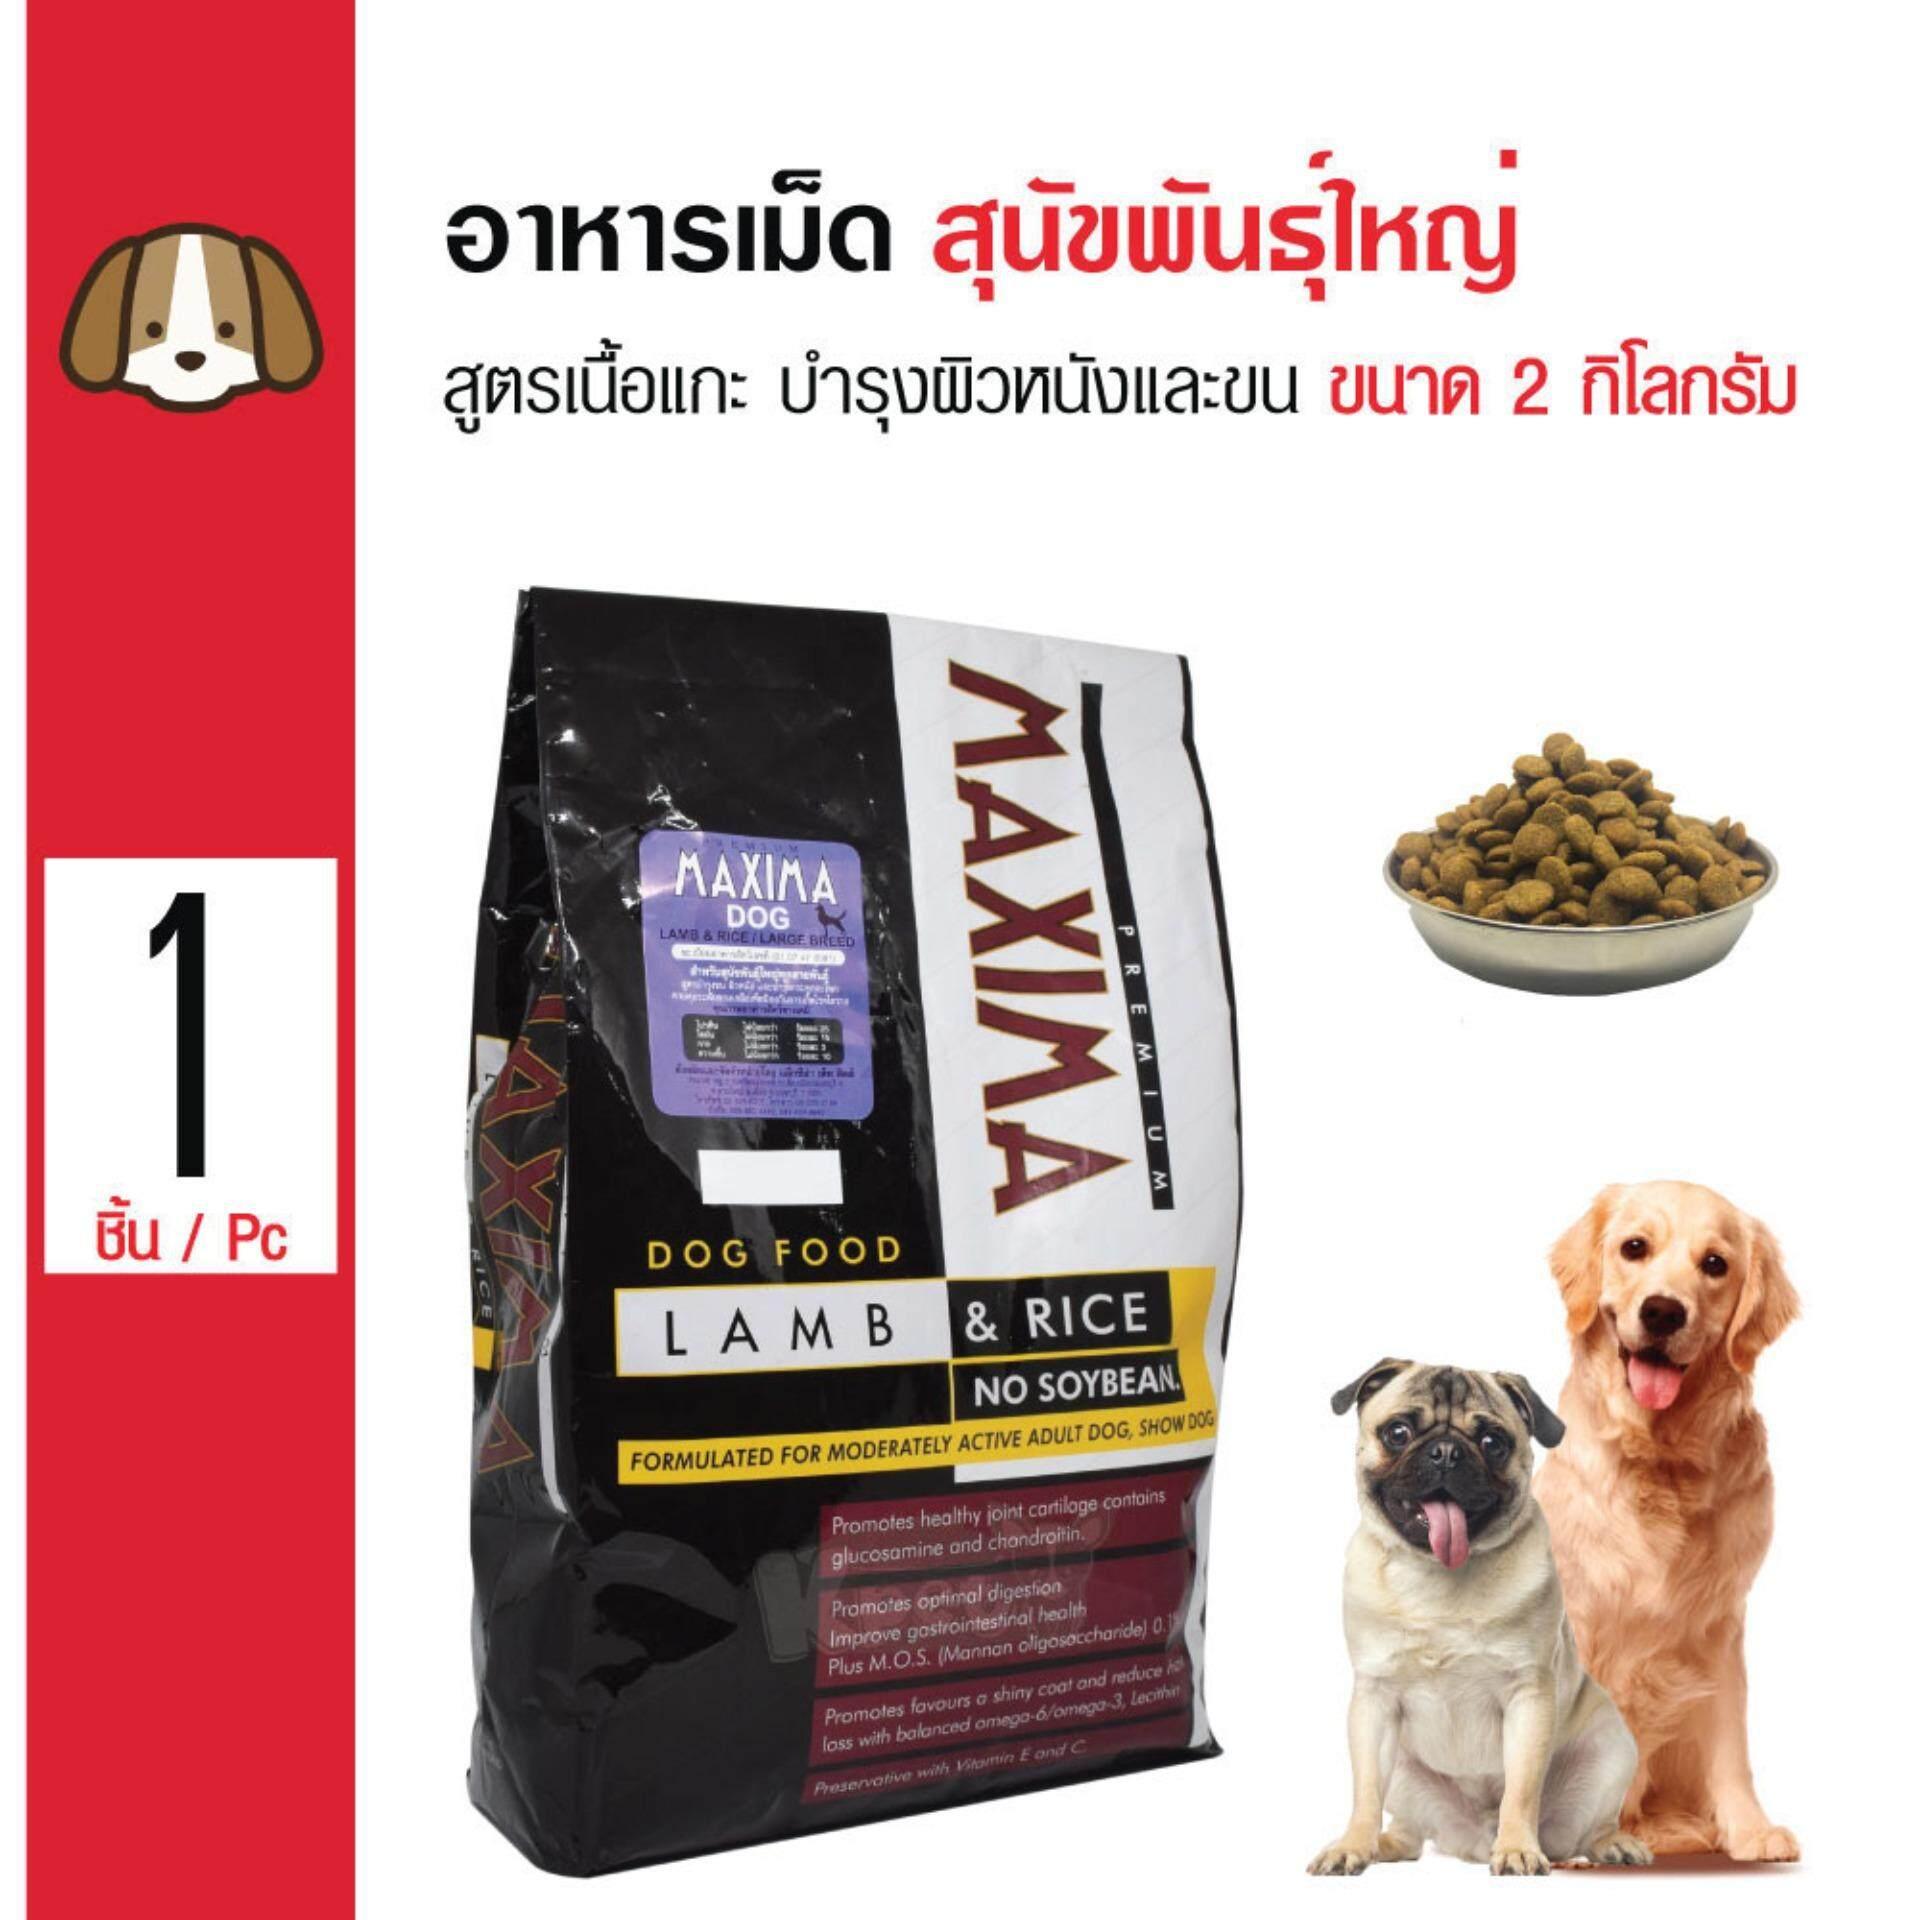 Maxima Dog อาหารเม็ด อาหารสุนัข สูตรเนื้อแกะ บำรุงผิวหนังและขน (เม็ดใหญ่) สำหรับสุนัขพันธุ์ใหญ่ ขนาด 2 กิโลกรัม.